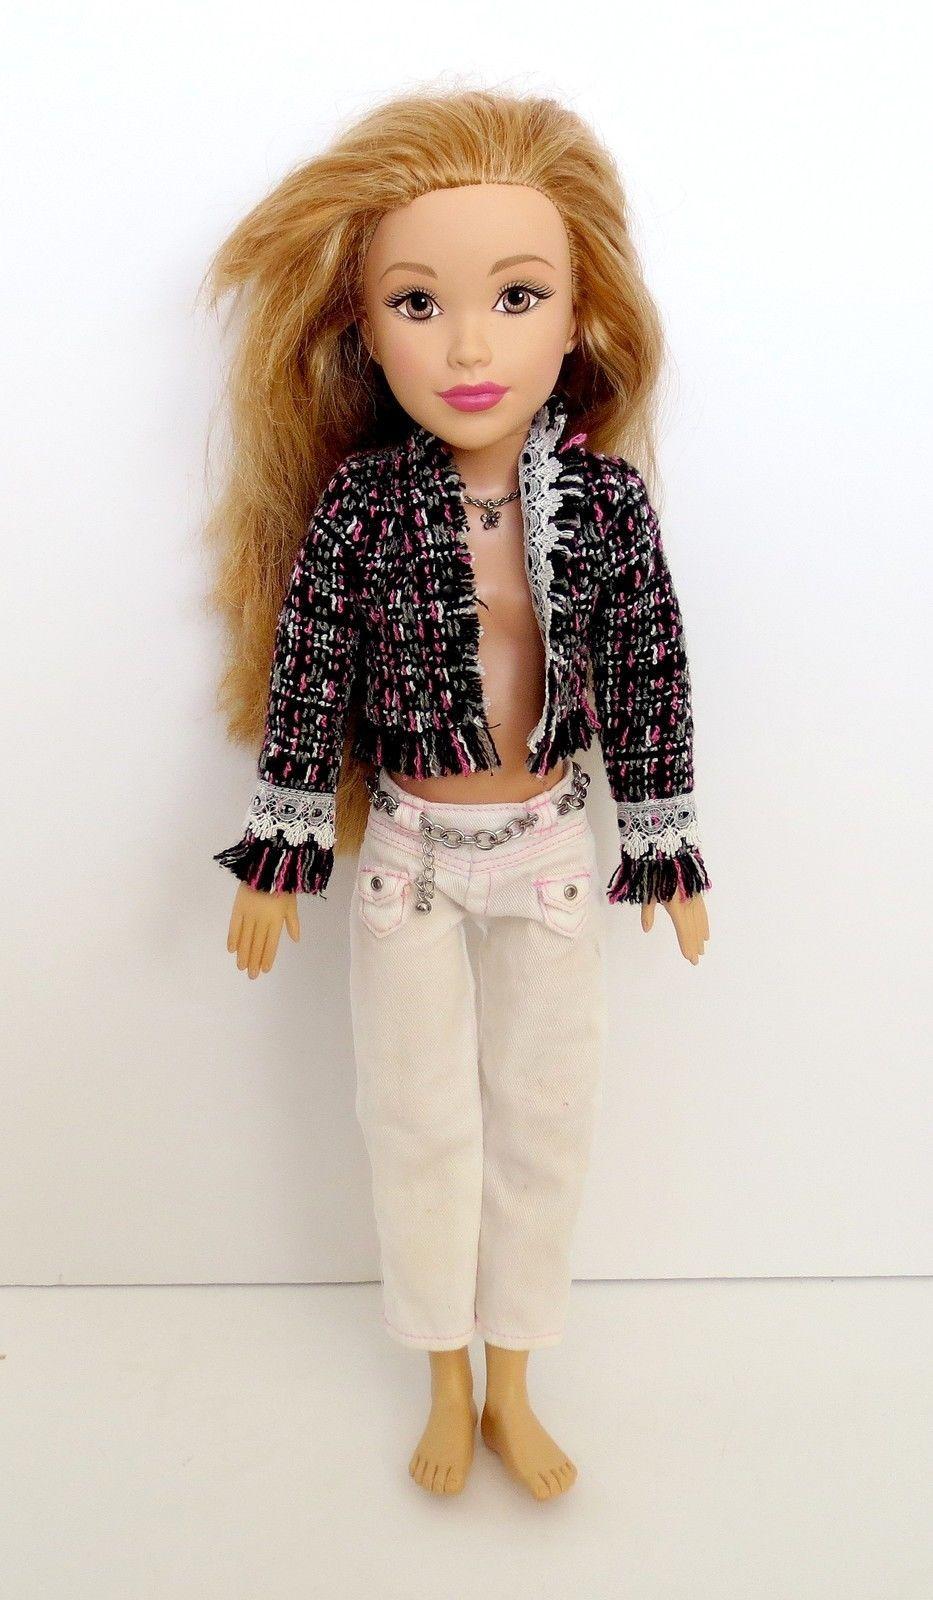 Mattel teen trends doll